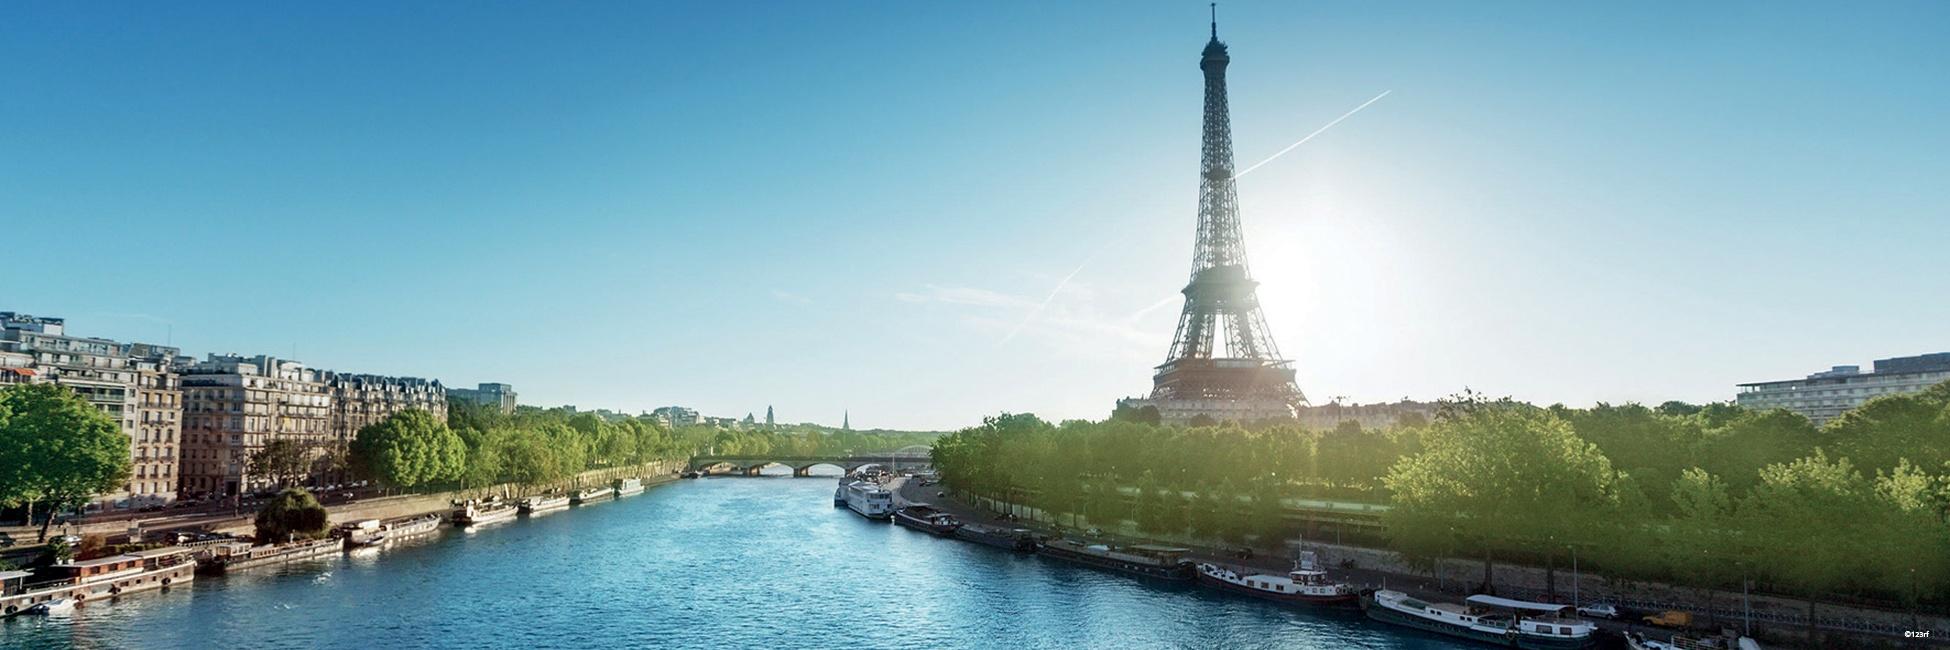 Tour Eiffel,Paris